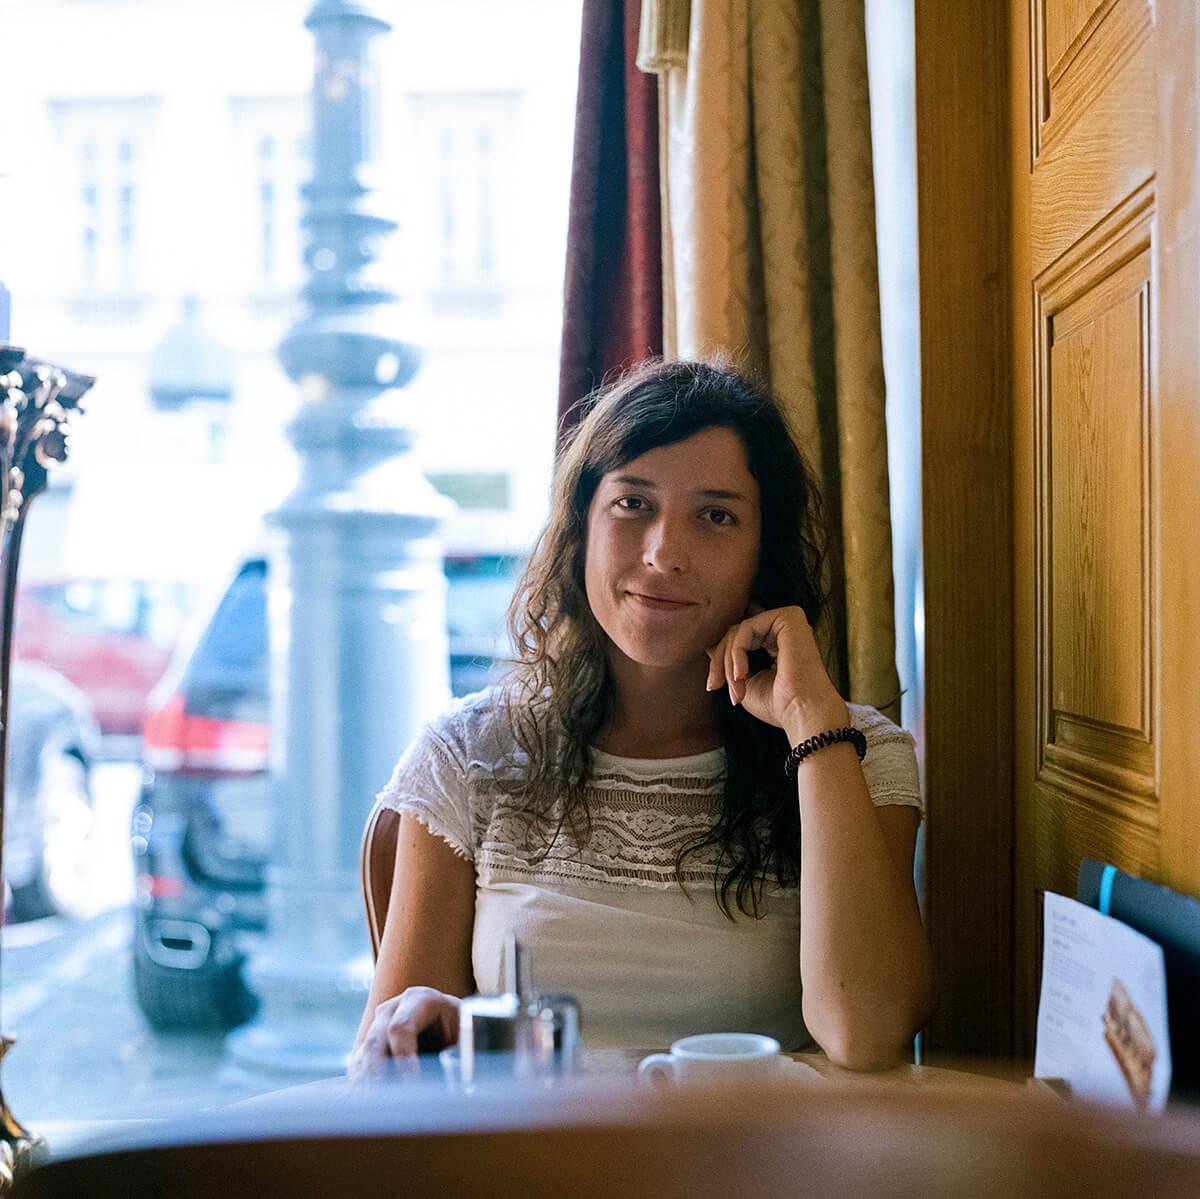 Faces of Budapest  (c) Lomoherz